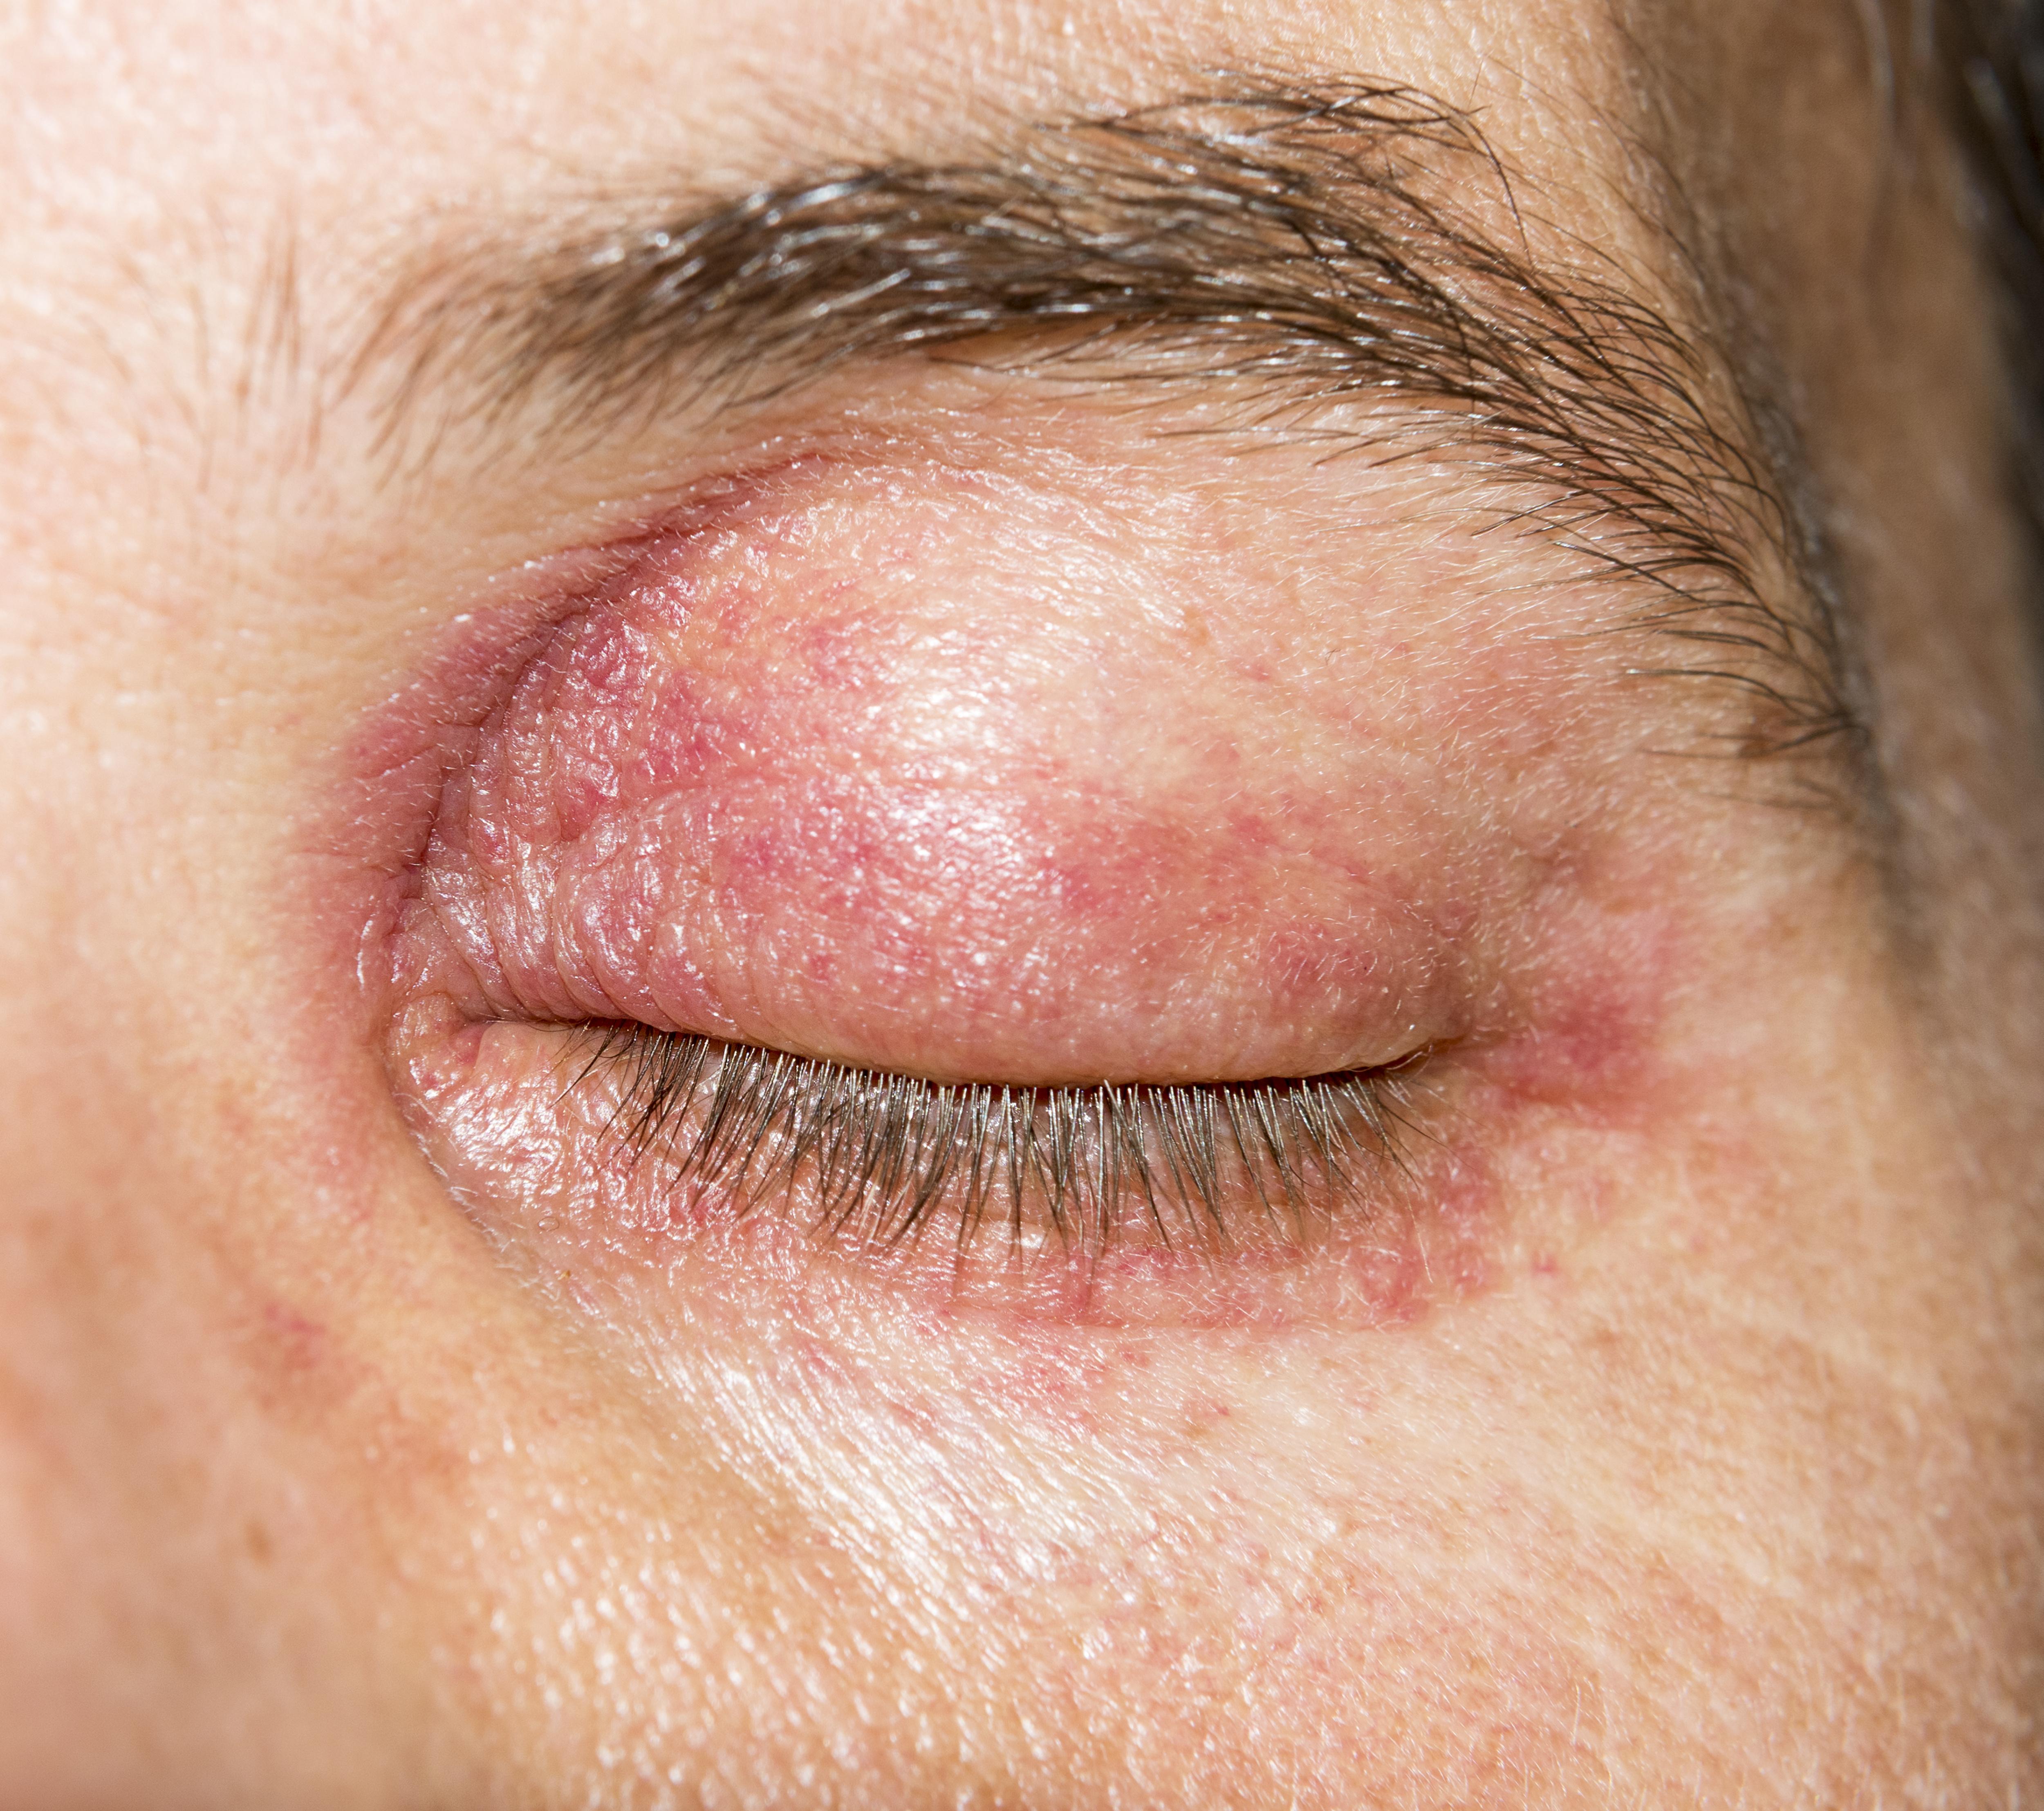 vörös foltok a szem körül viszketik mi ez mi a neve a pikkelysmr kezelsnek